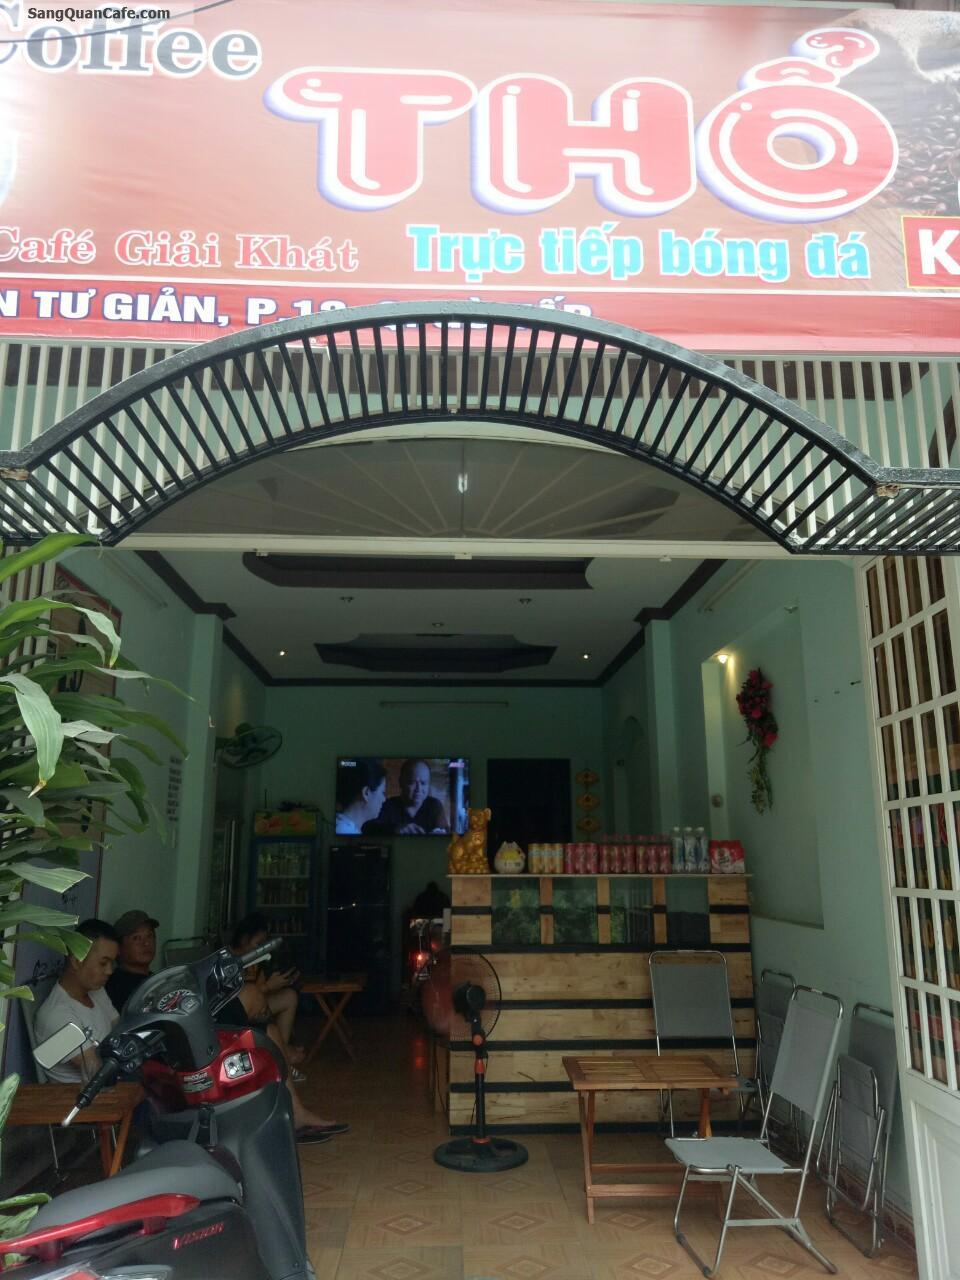 Sang quán cafe đường Nguyễn Tư Giản